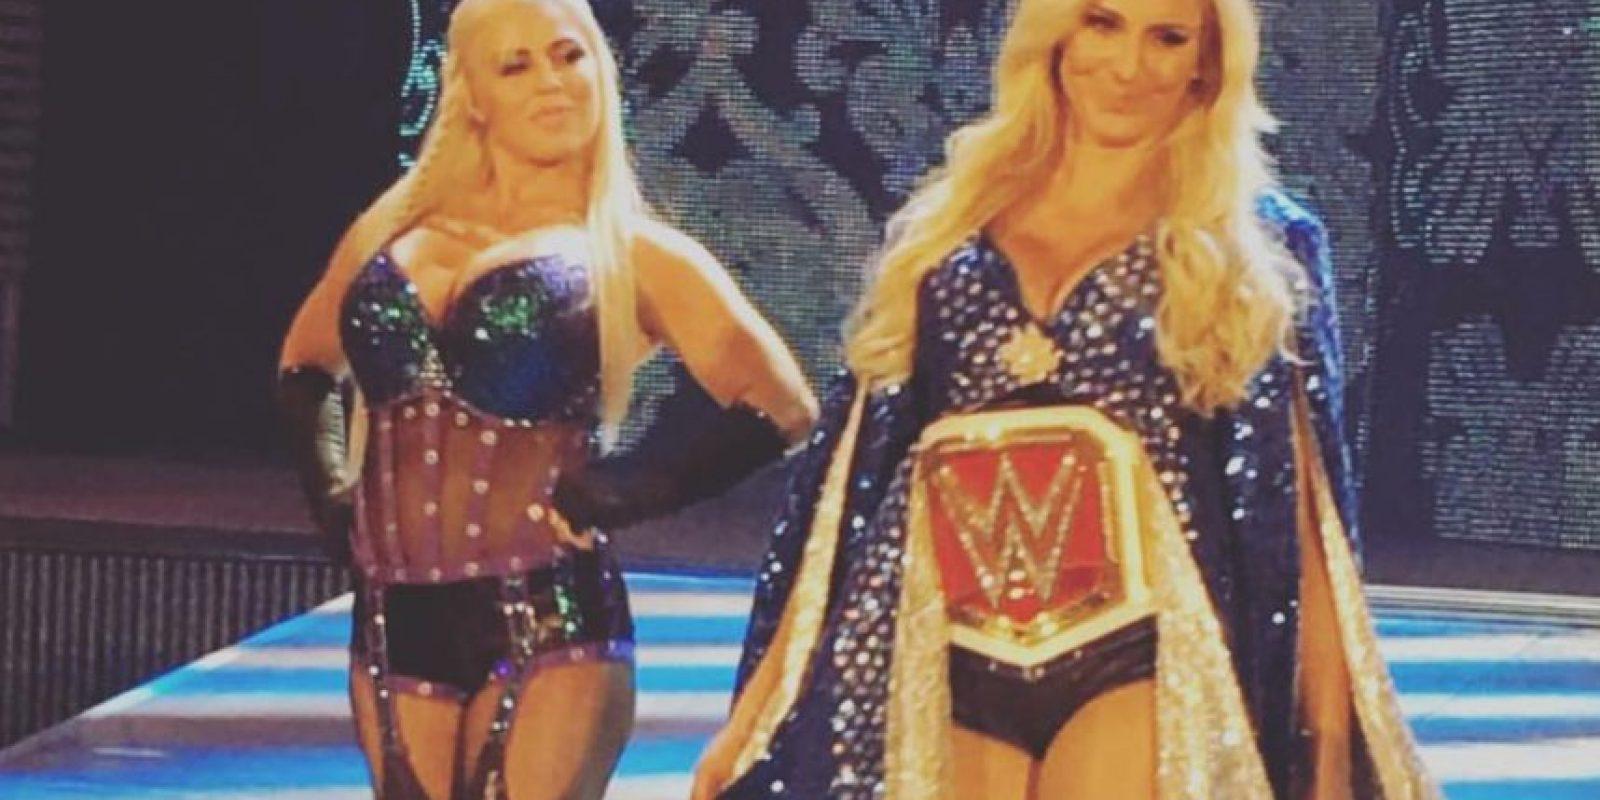 Y tiene polarizado al universo de WWE por su gran técnica, pero malas actitudes en el ring Foto:Vía instagram.com/charlottewwe